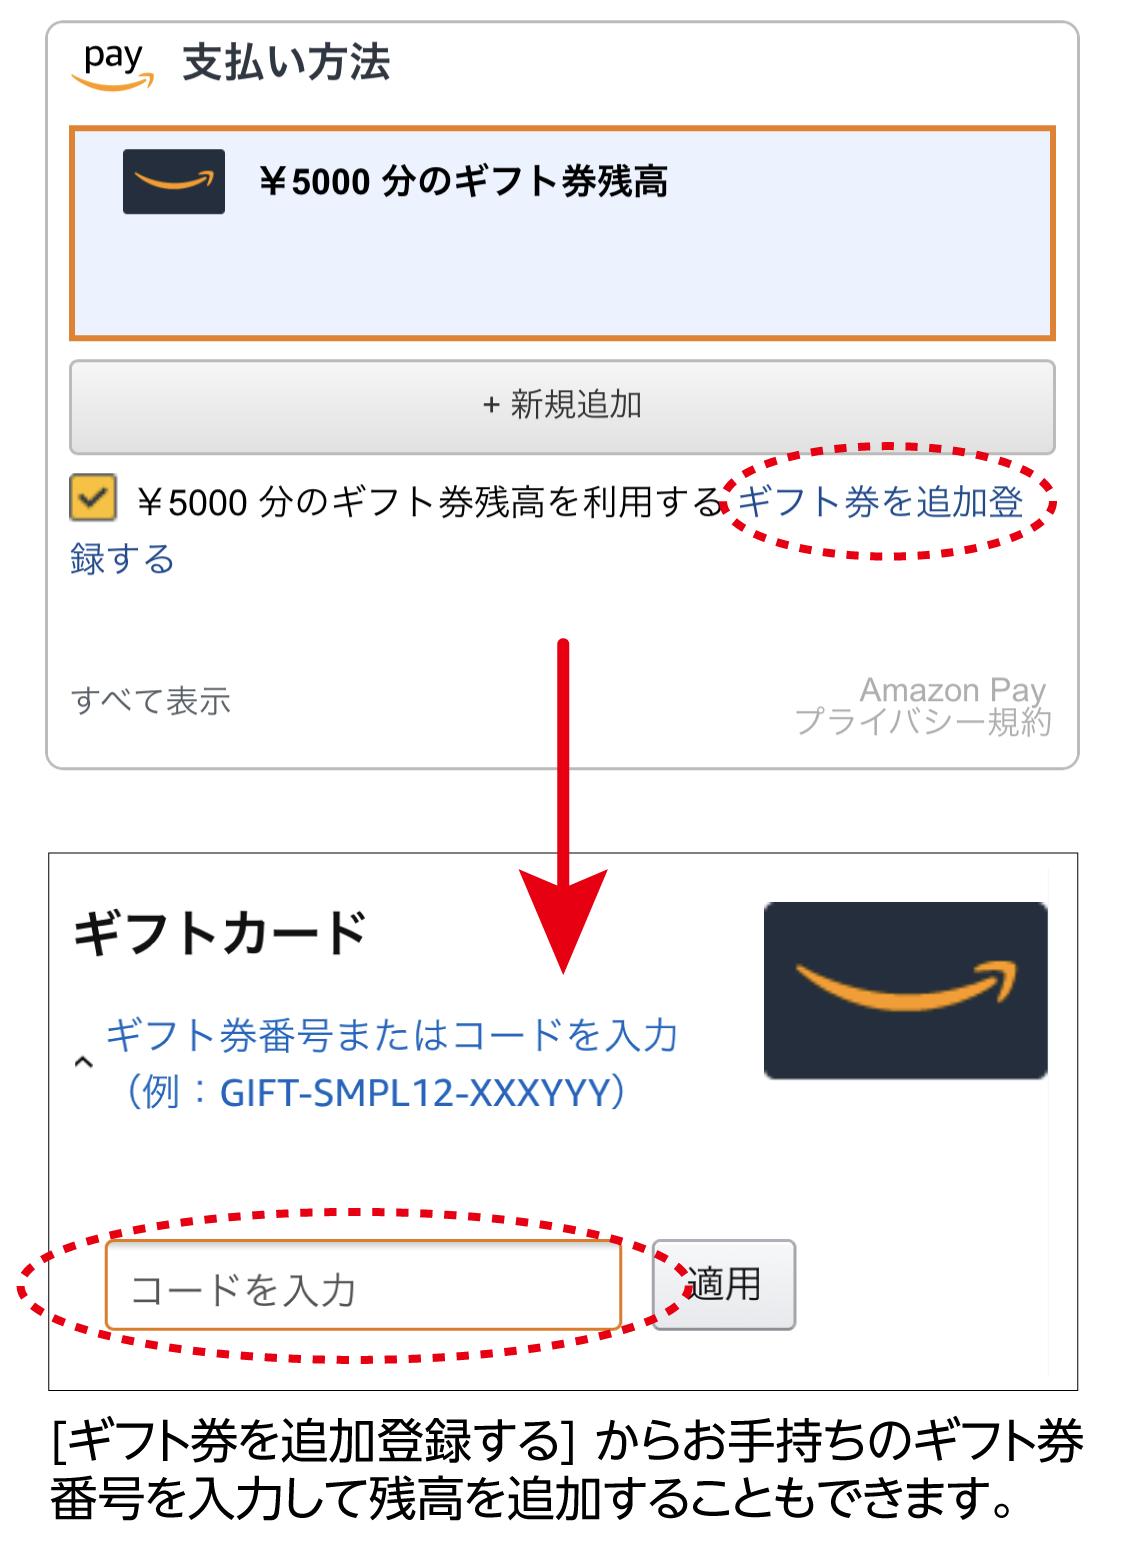 ない amazon ポイント 使え 正直、影が薄いAmazonポイントについて詳しく調べてみた。Amazonポイントはどこで貯まって、どのくらいお得なポイントなのか?